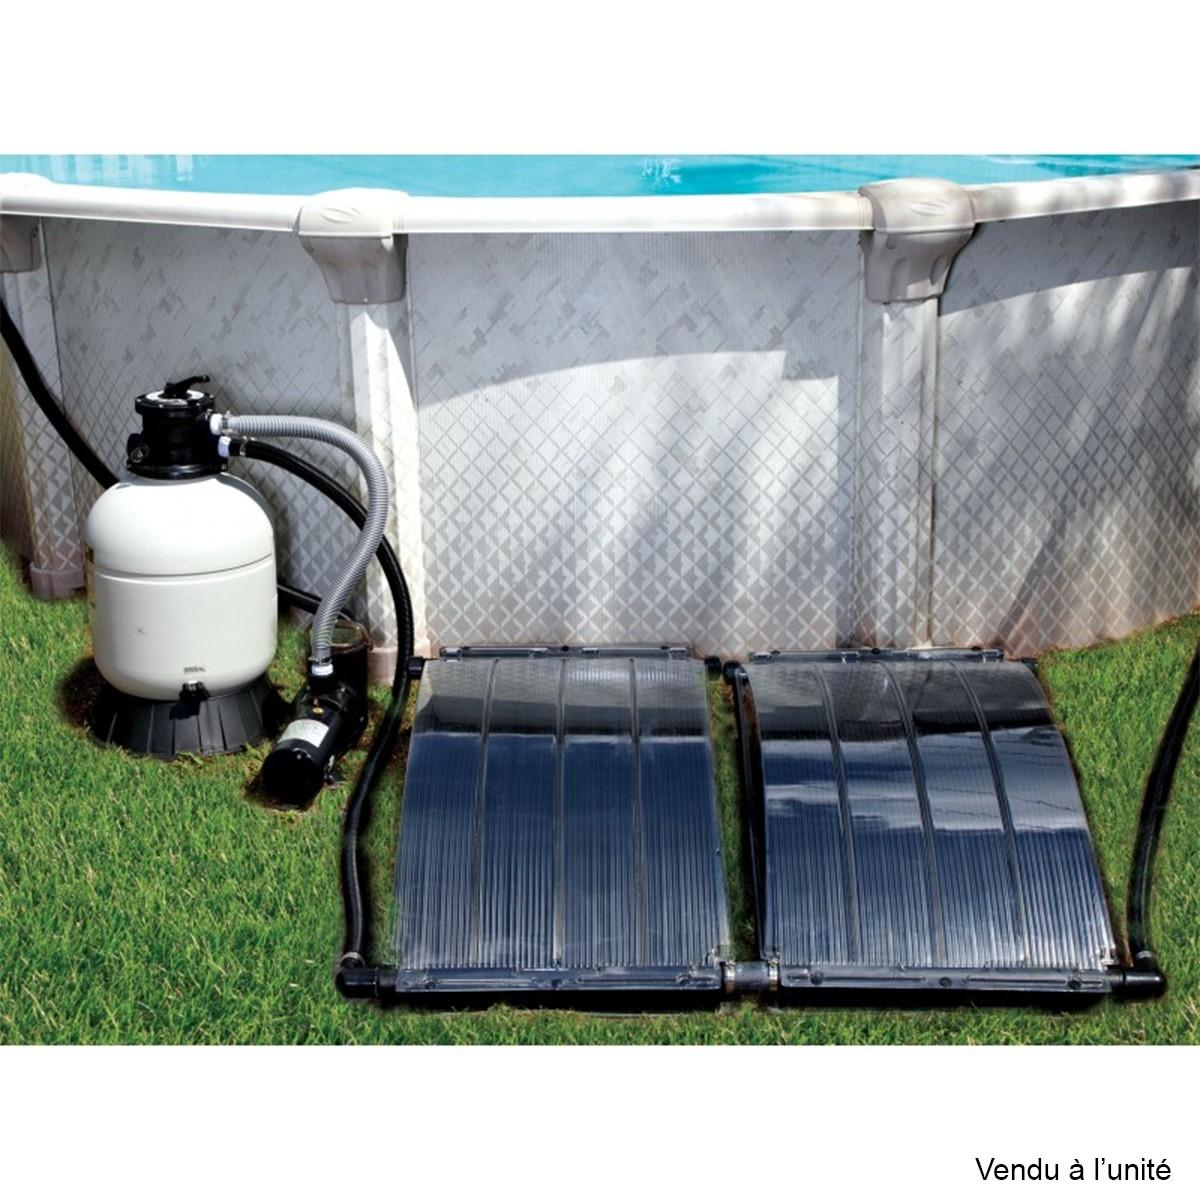 charmant Je veux trouver un bon chauffage de qualité pour ma piscine pas cher ICI Chauffage  piscine hors sol solaire